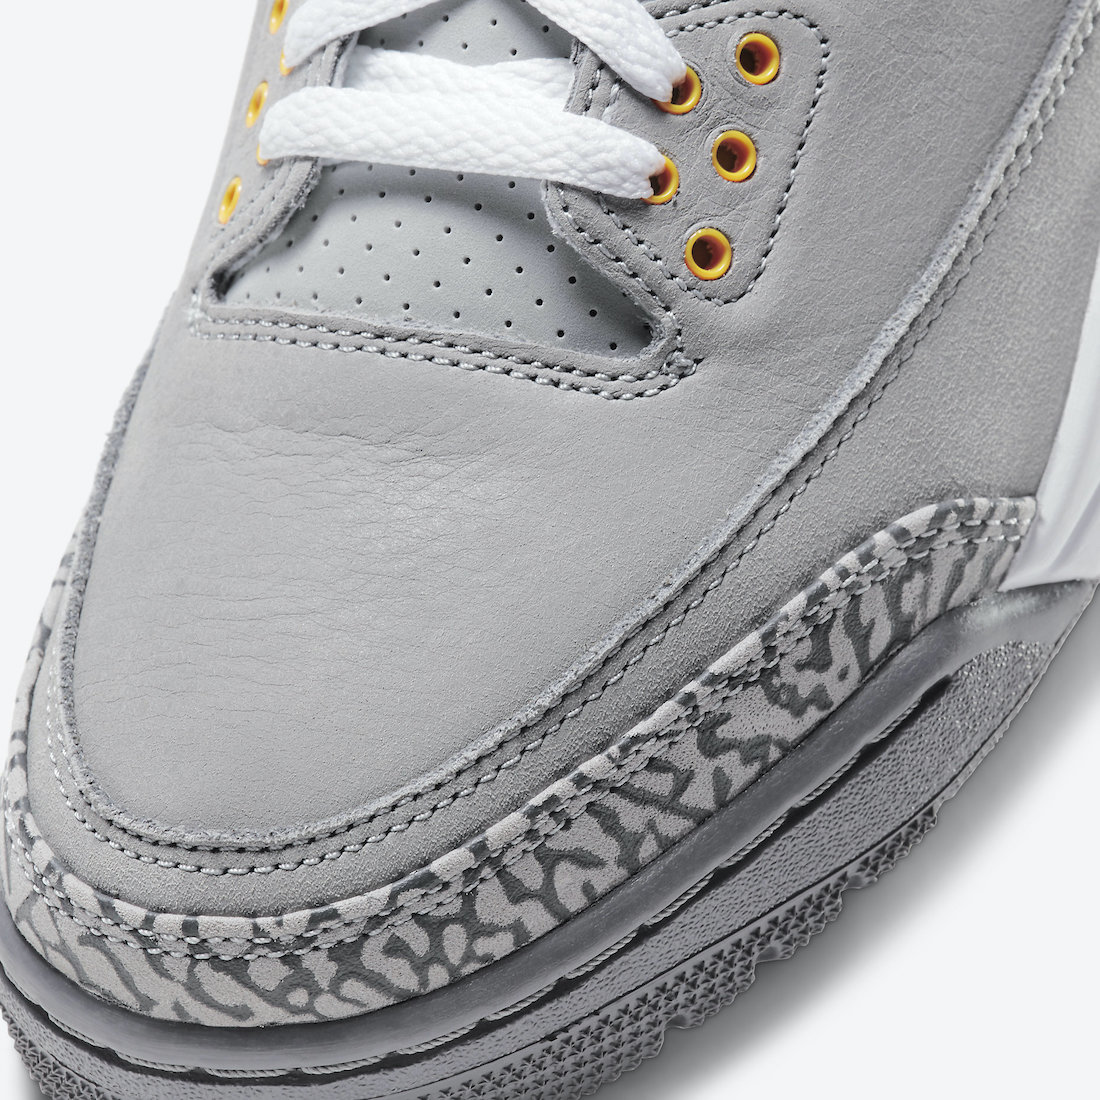 Air Jordan 3 Cool Grey CT8532-012 Release Info Price